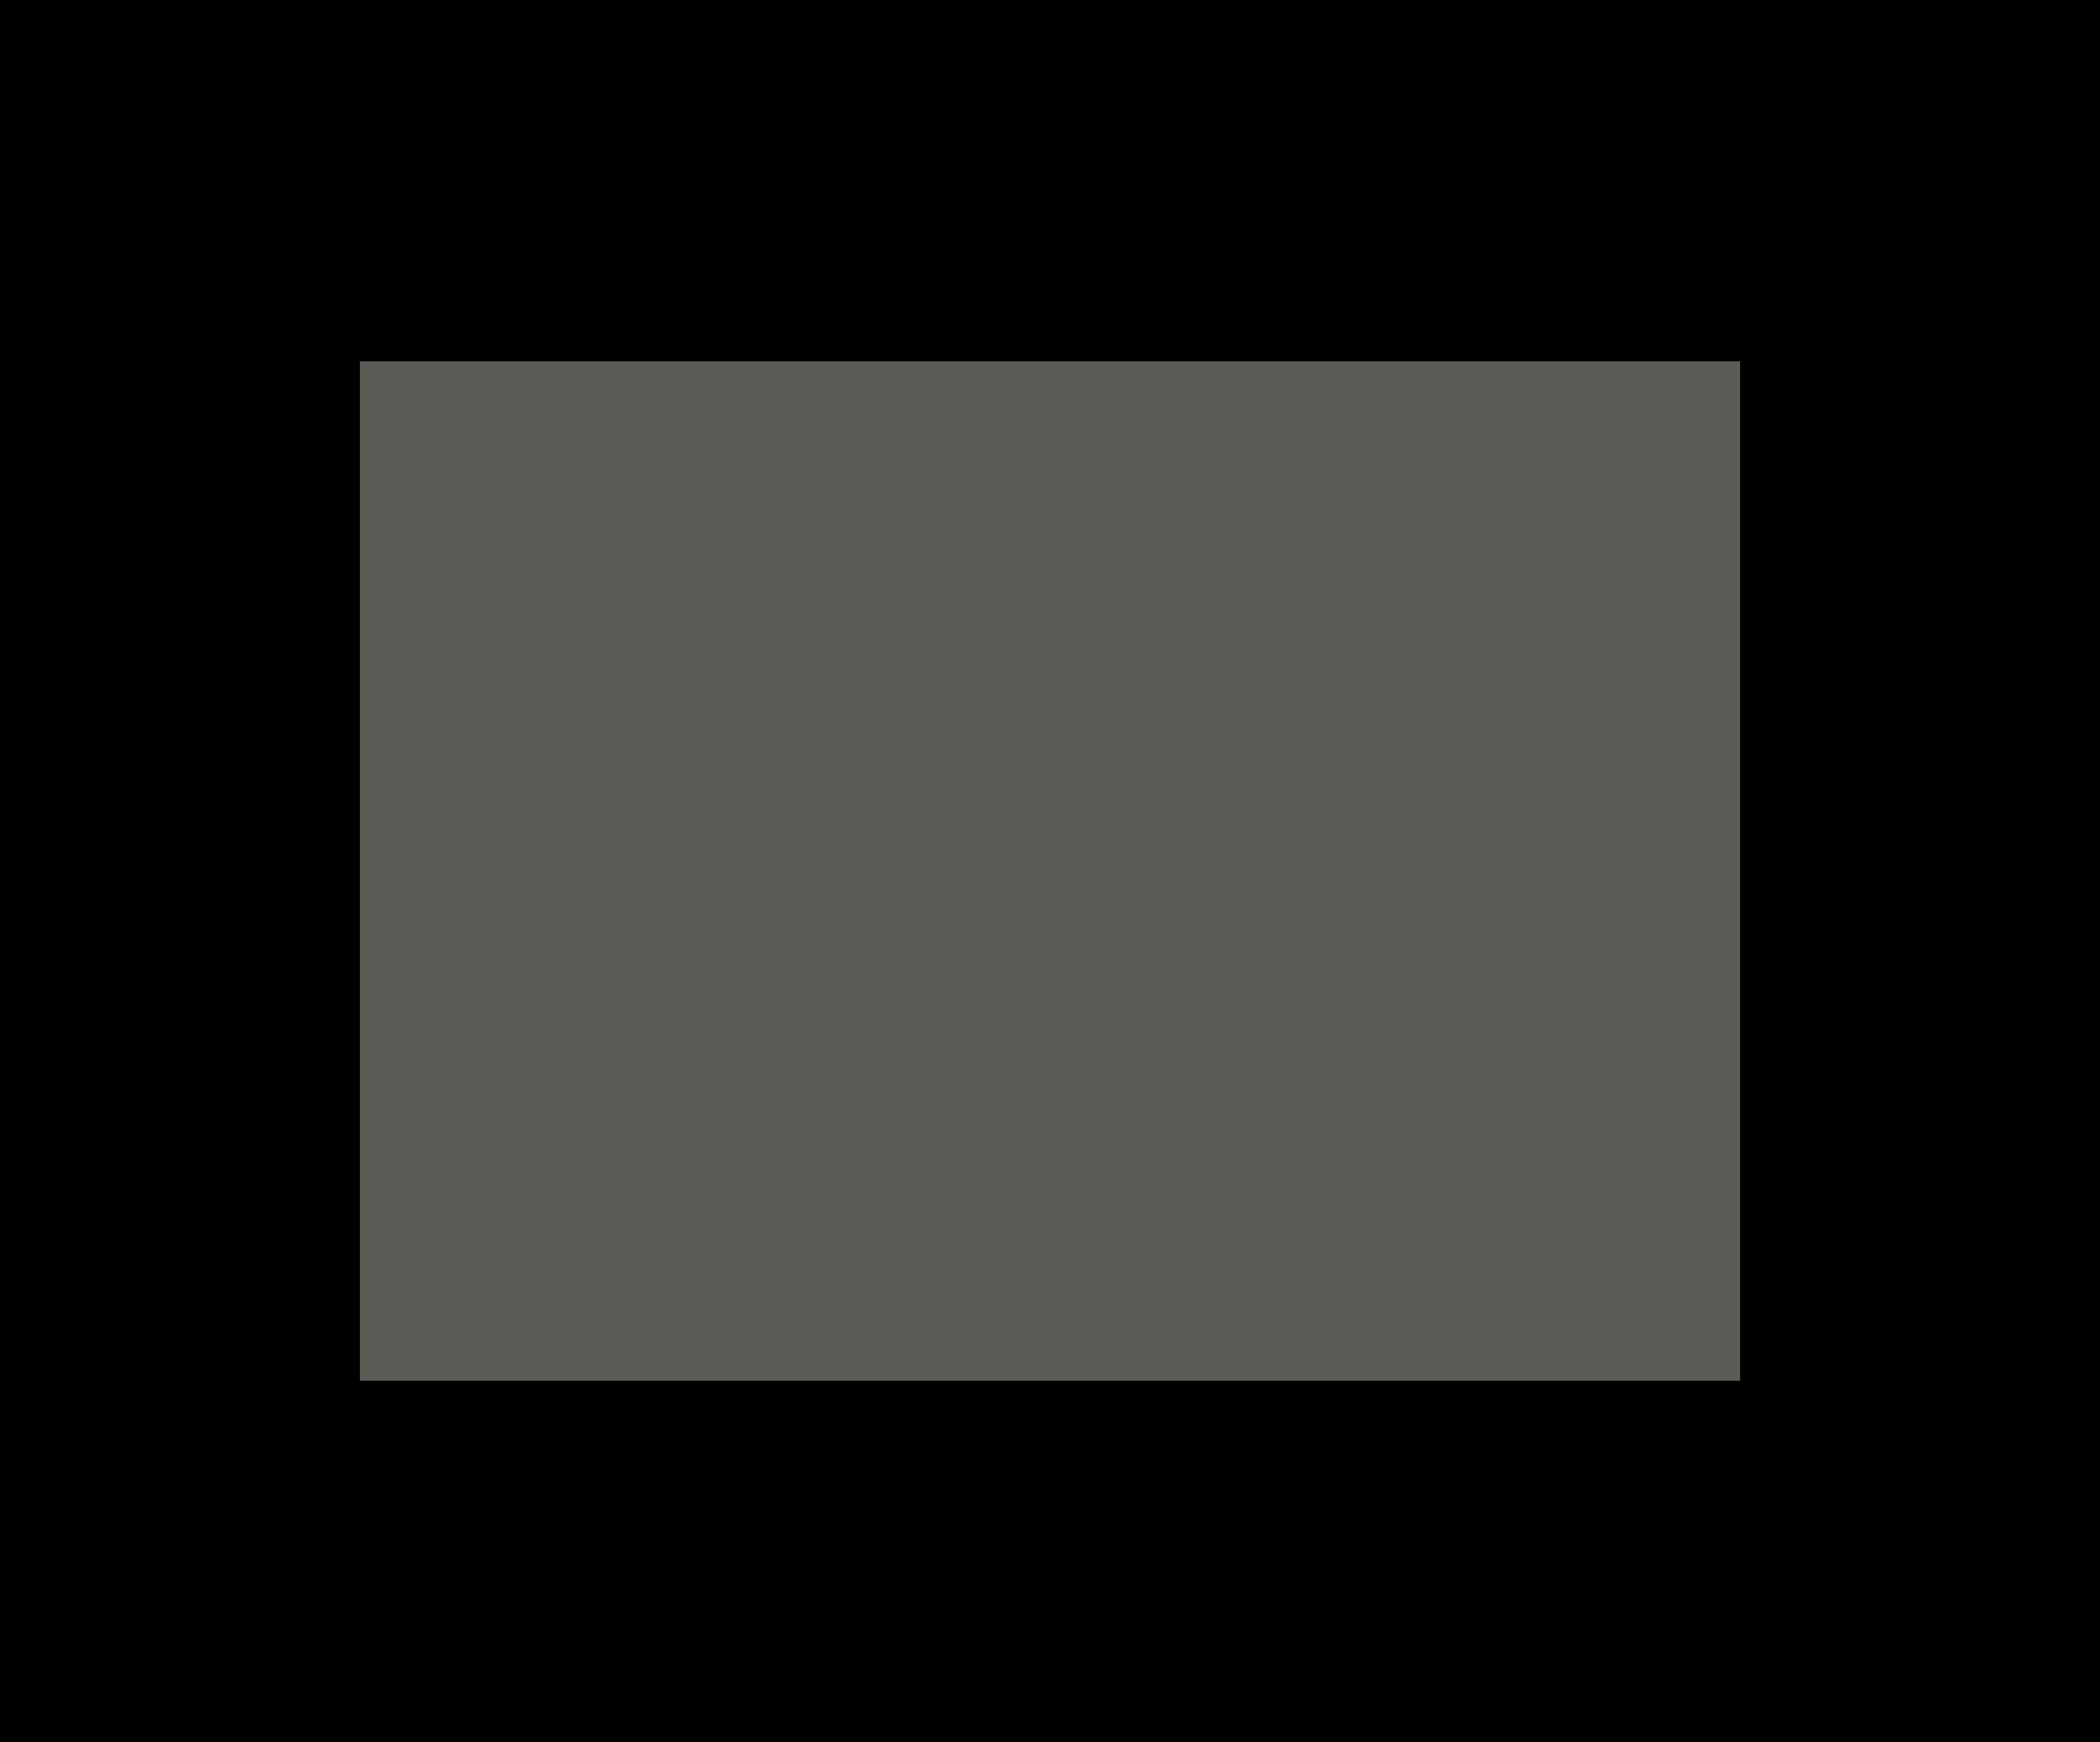 fun_culture_element_camera_icon_grey